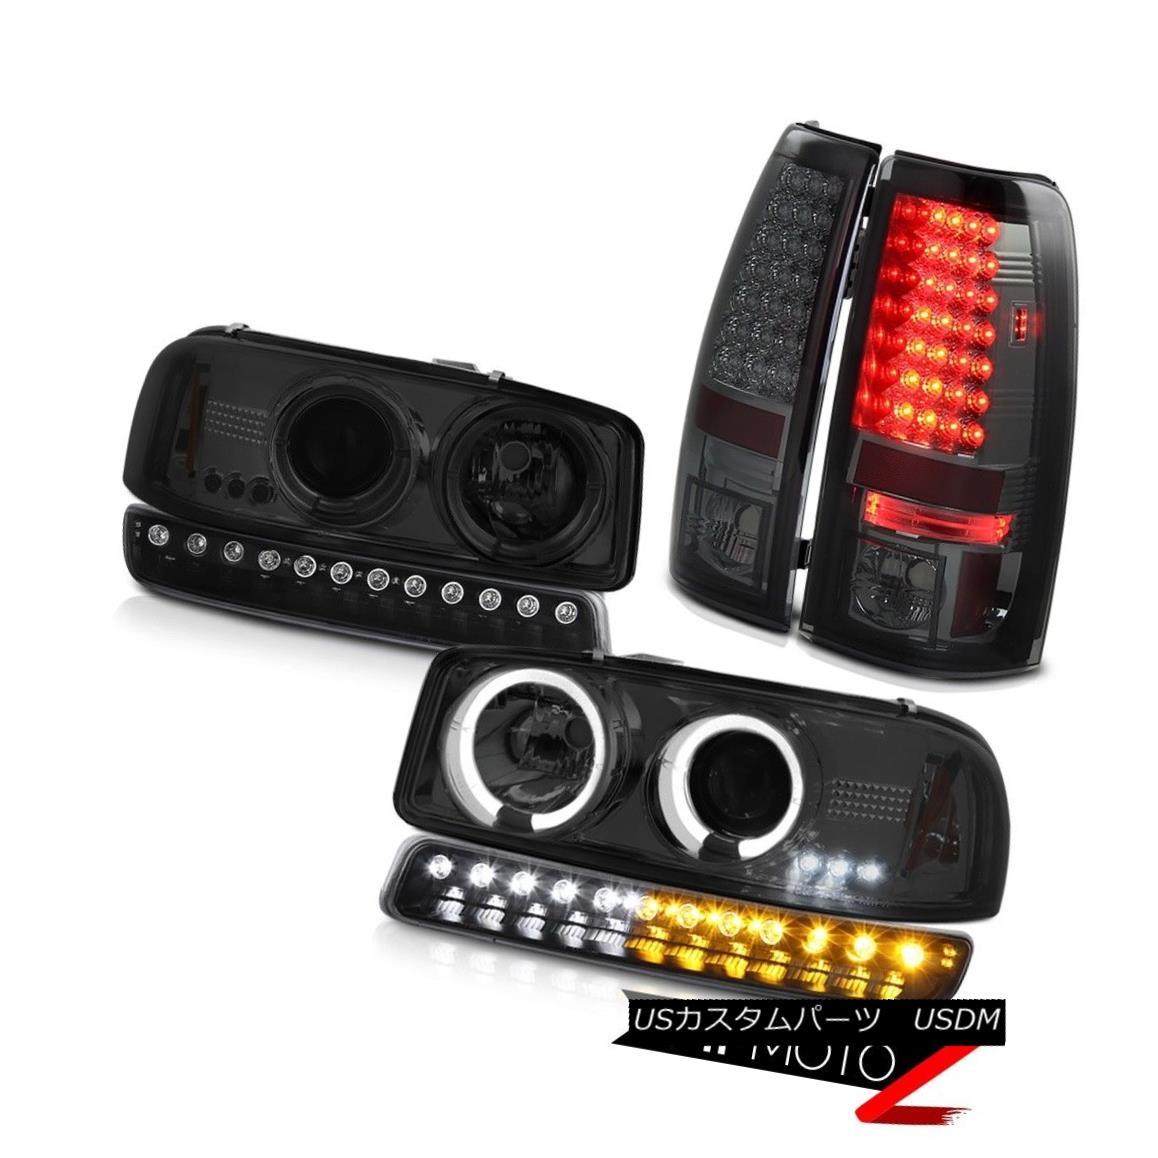 テールライト 99-06 Sierra 6.0L Dark smoke rear brake lamps matte black turn signal headlamps 99-06 Sierra 6.0Lダークスモークリアブレーキランプマットブラックターンシグナルヘッドランプ